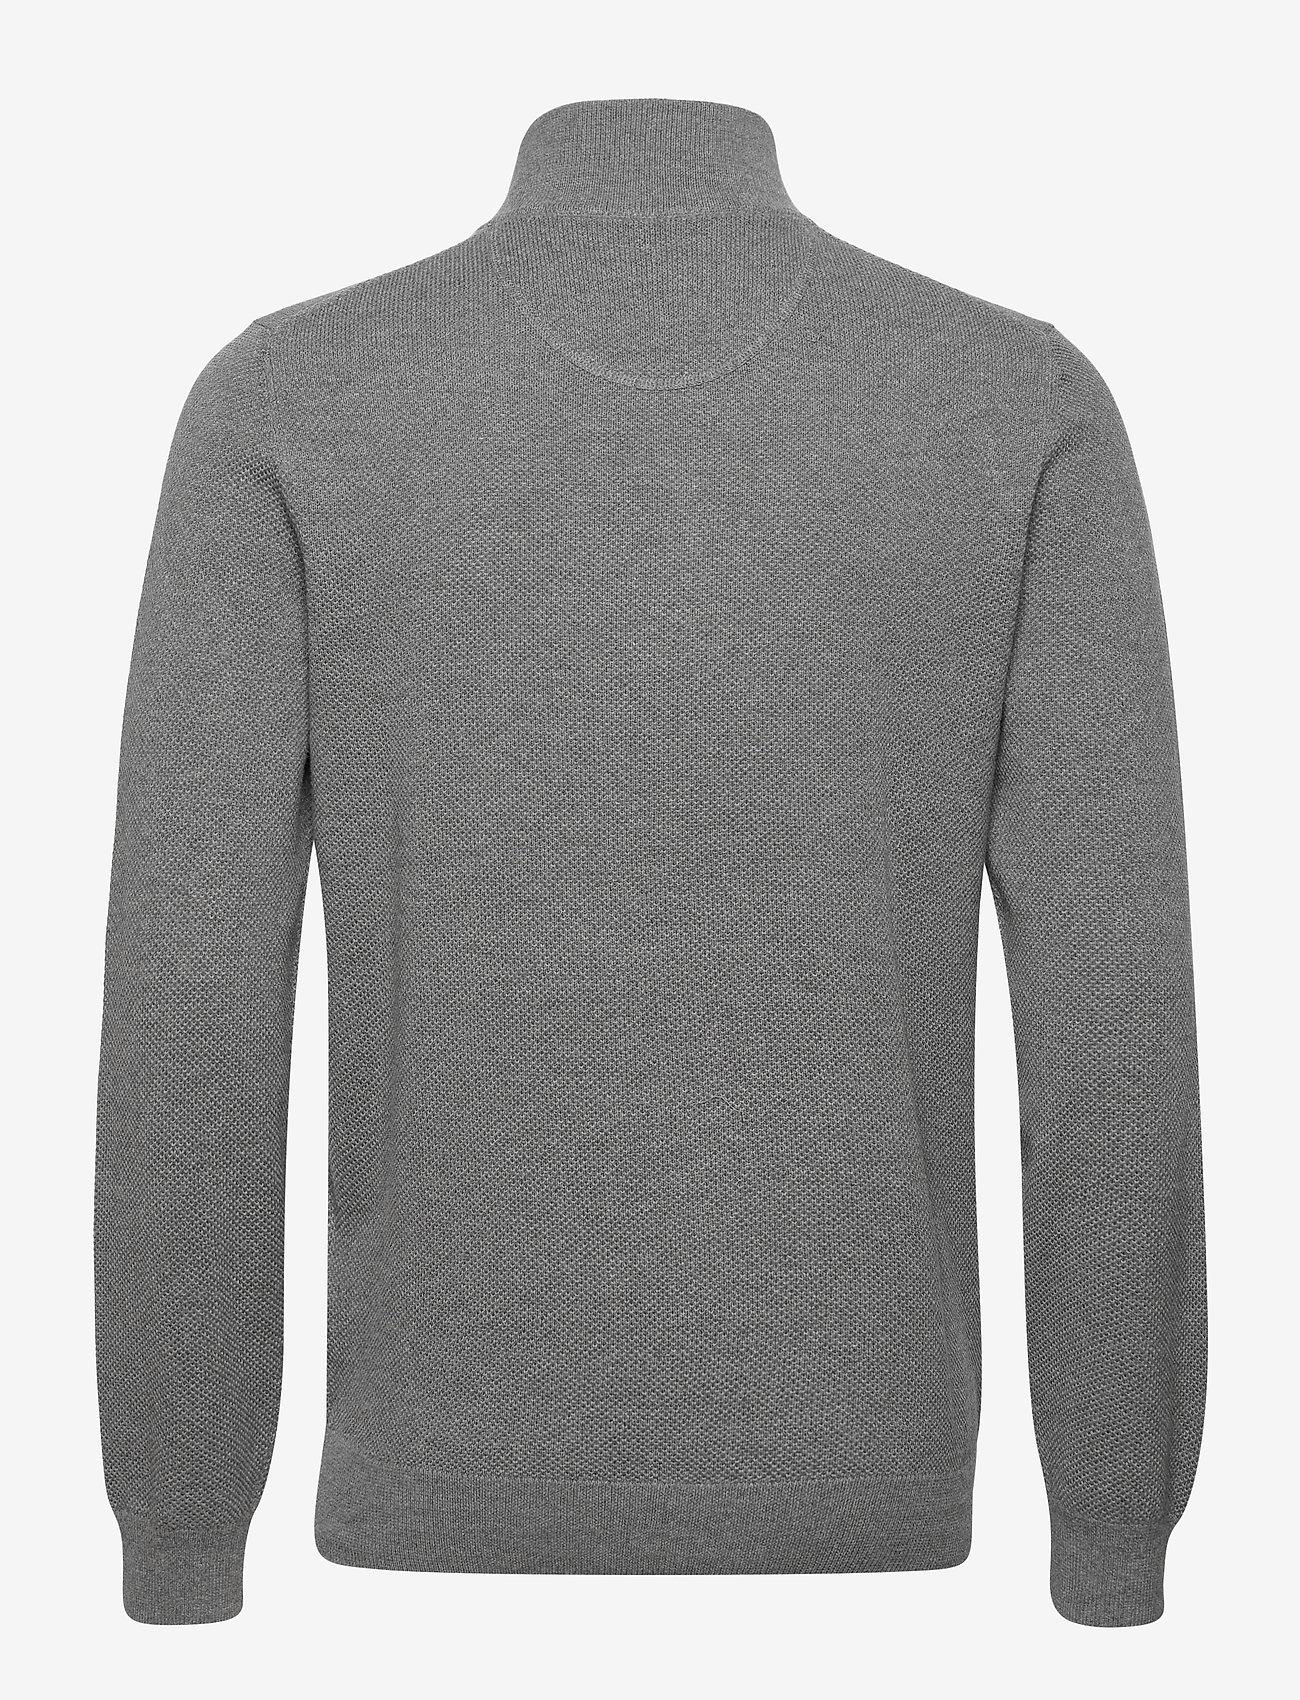 GANT - COTTON PIQUE HALF ZIP - half zip - dark grey melange - 1